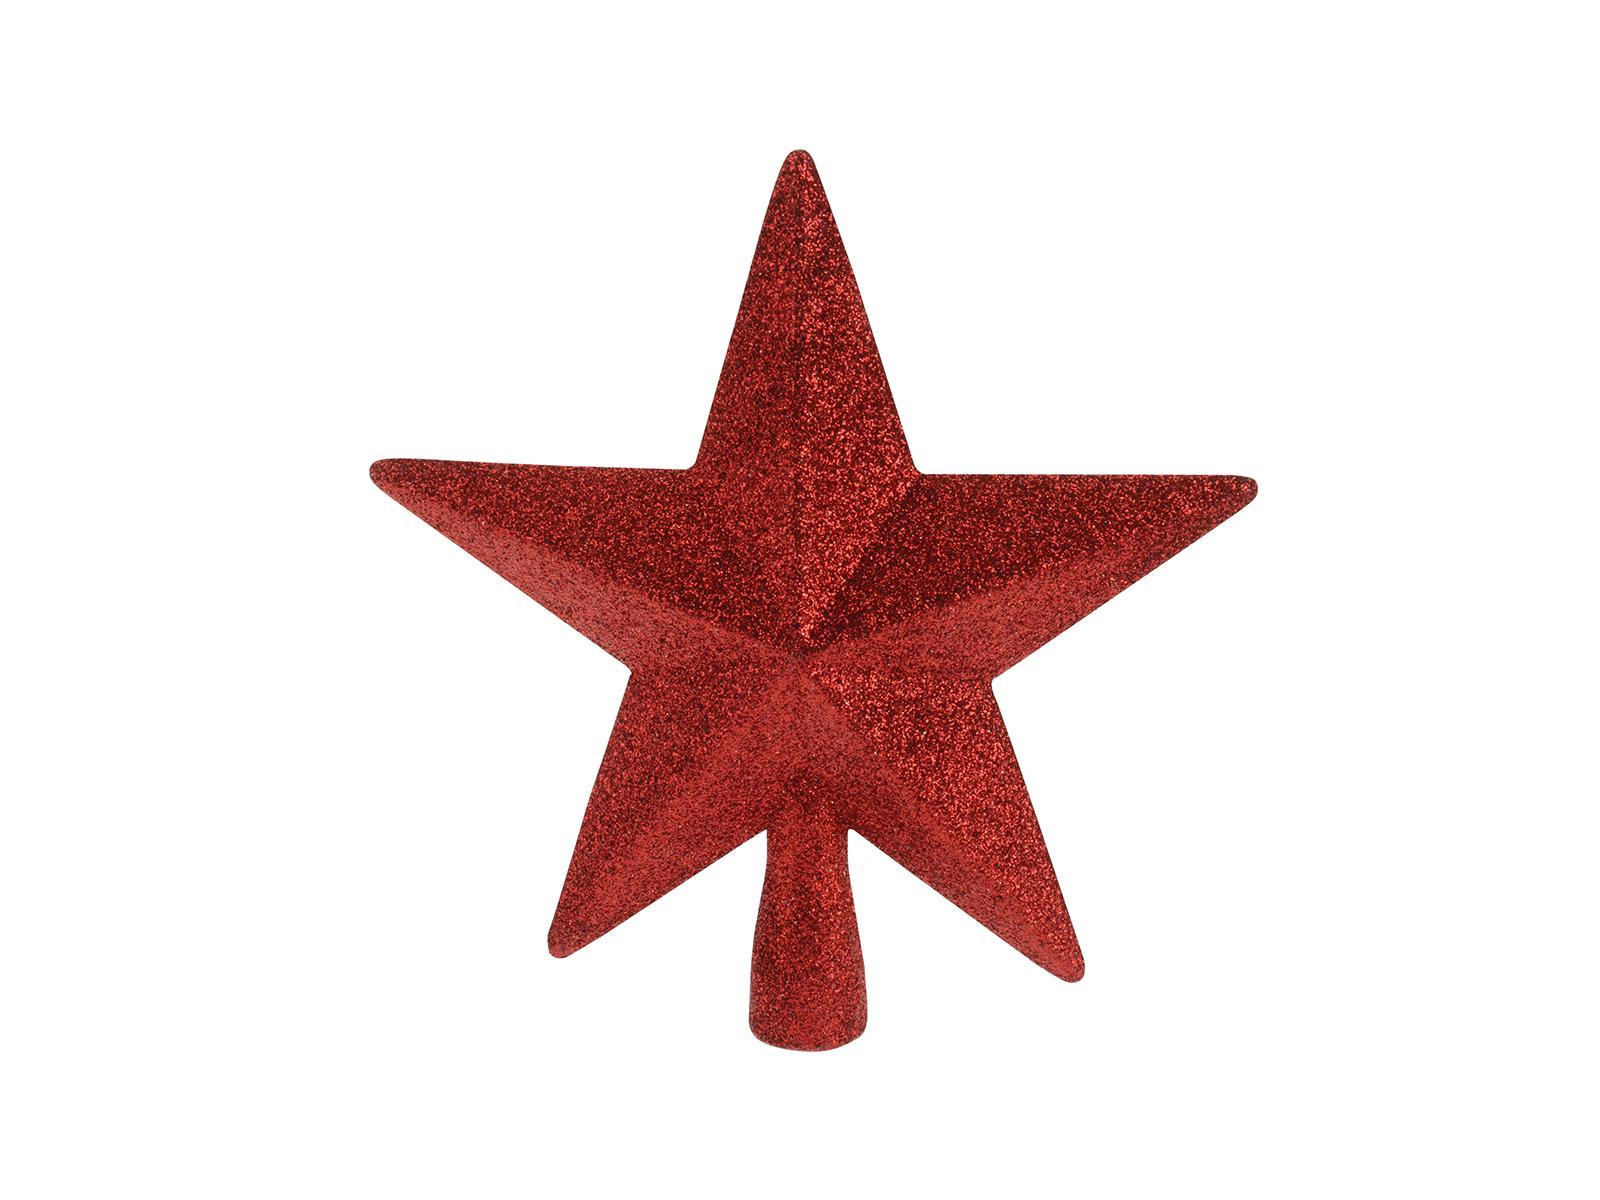 Верхушка Christmas StarНовогодний декор<br>Верхушка для ёлки<br>